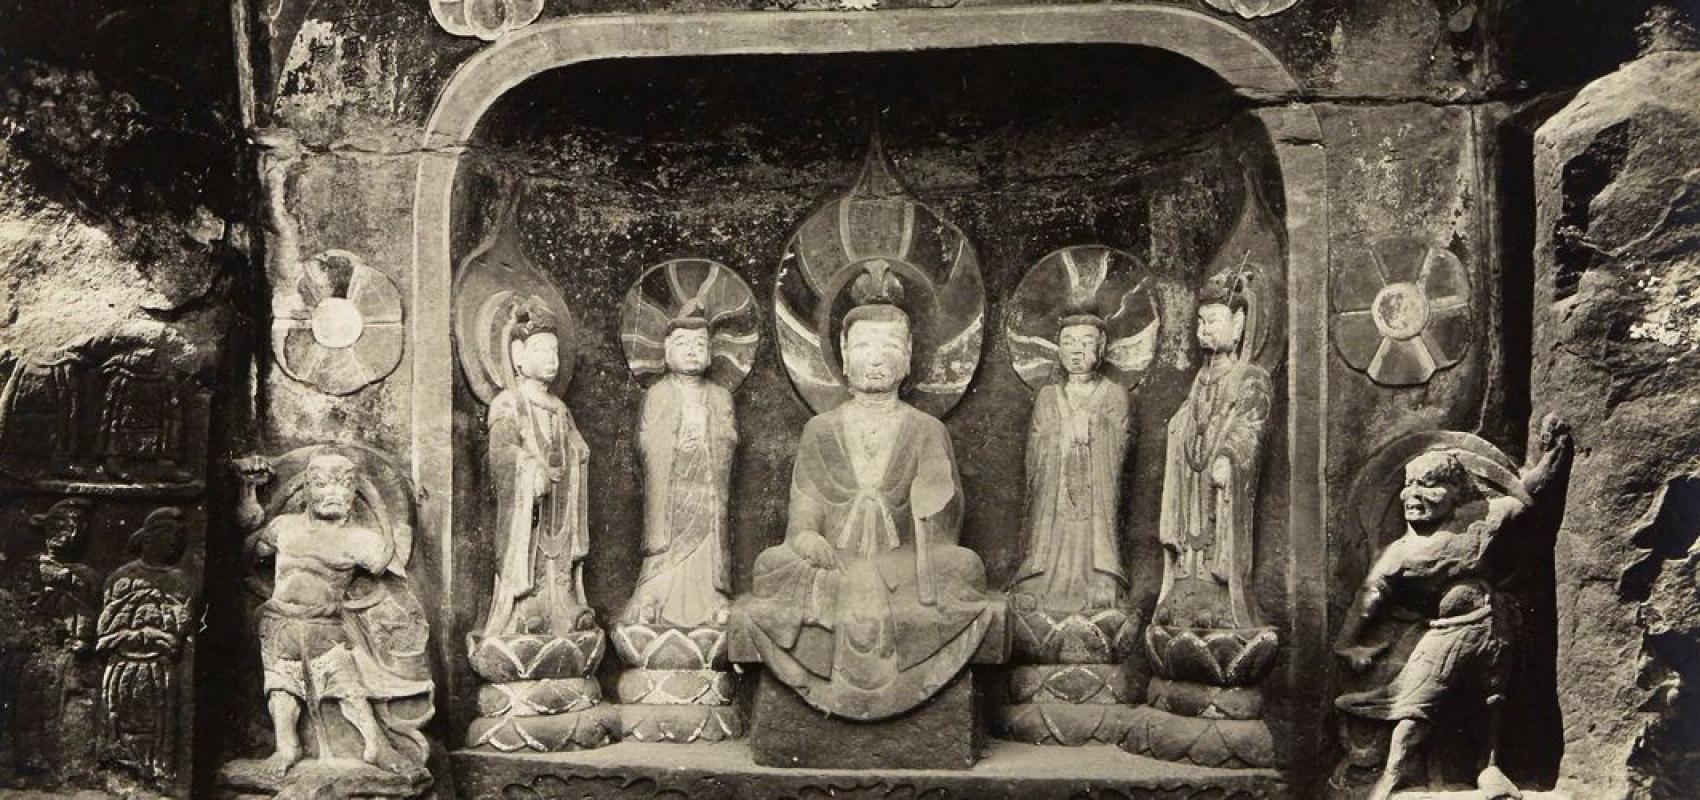 Mission archéologique, Chine, Mien tcheo – Victor Segalen, Augusto Gilbert de Voisins, Jean Lartigue - 1914 - BnF, département des Estampes et de la photographie